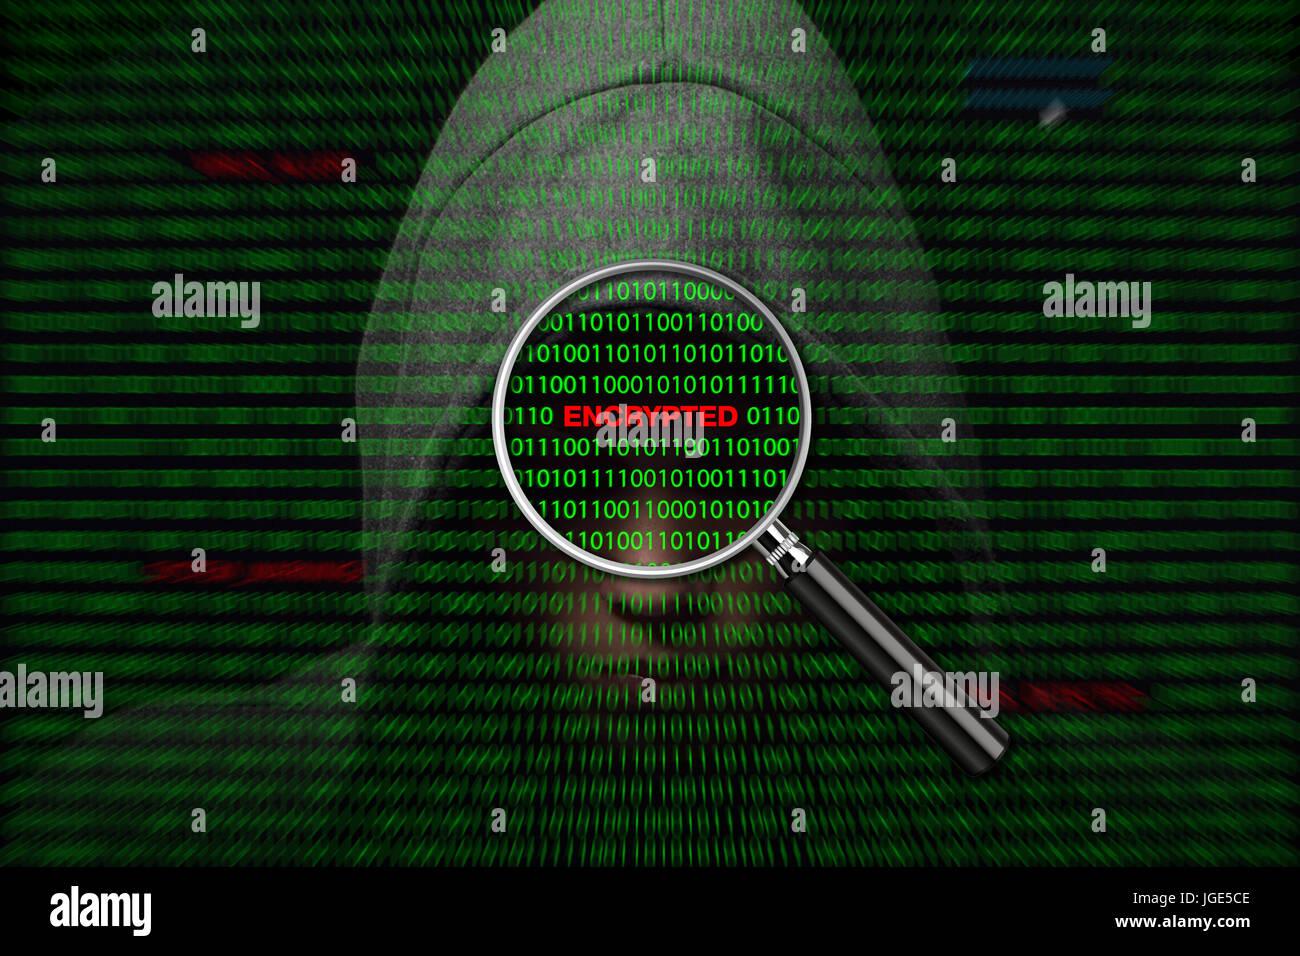 Hacker über einen Bildschirm mit binären Code und verschlüsselte Warnmeldungen Stockbild